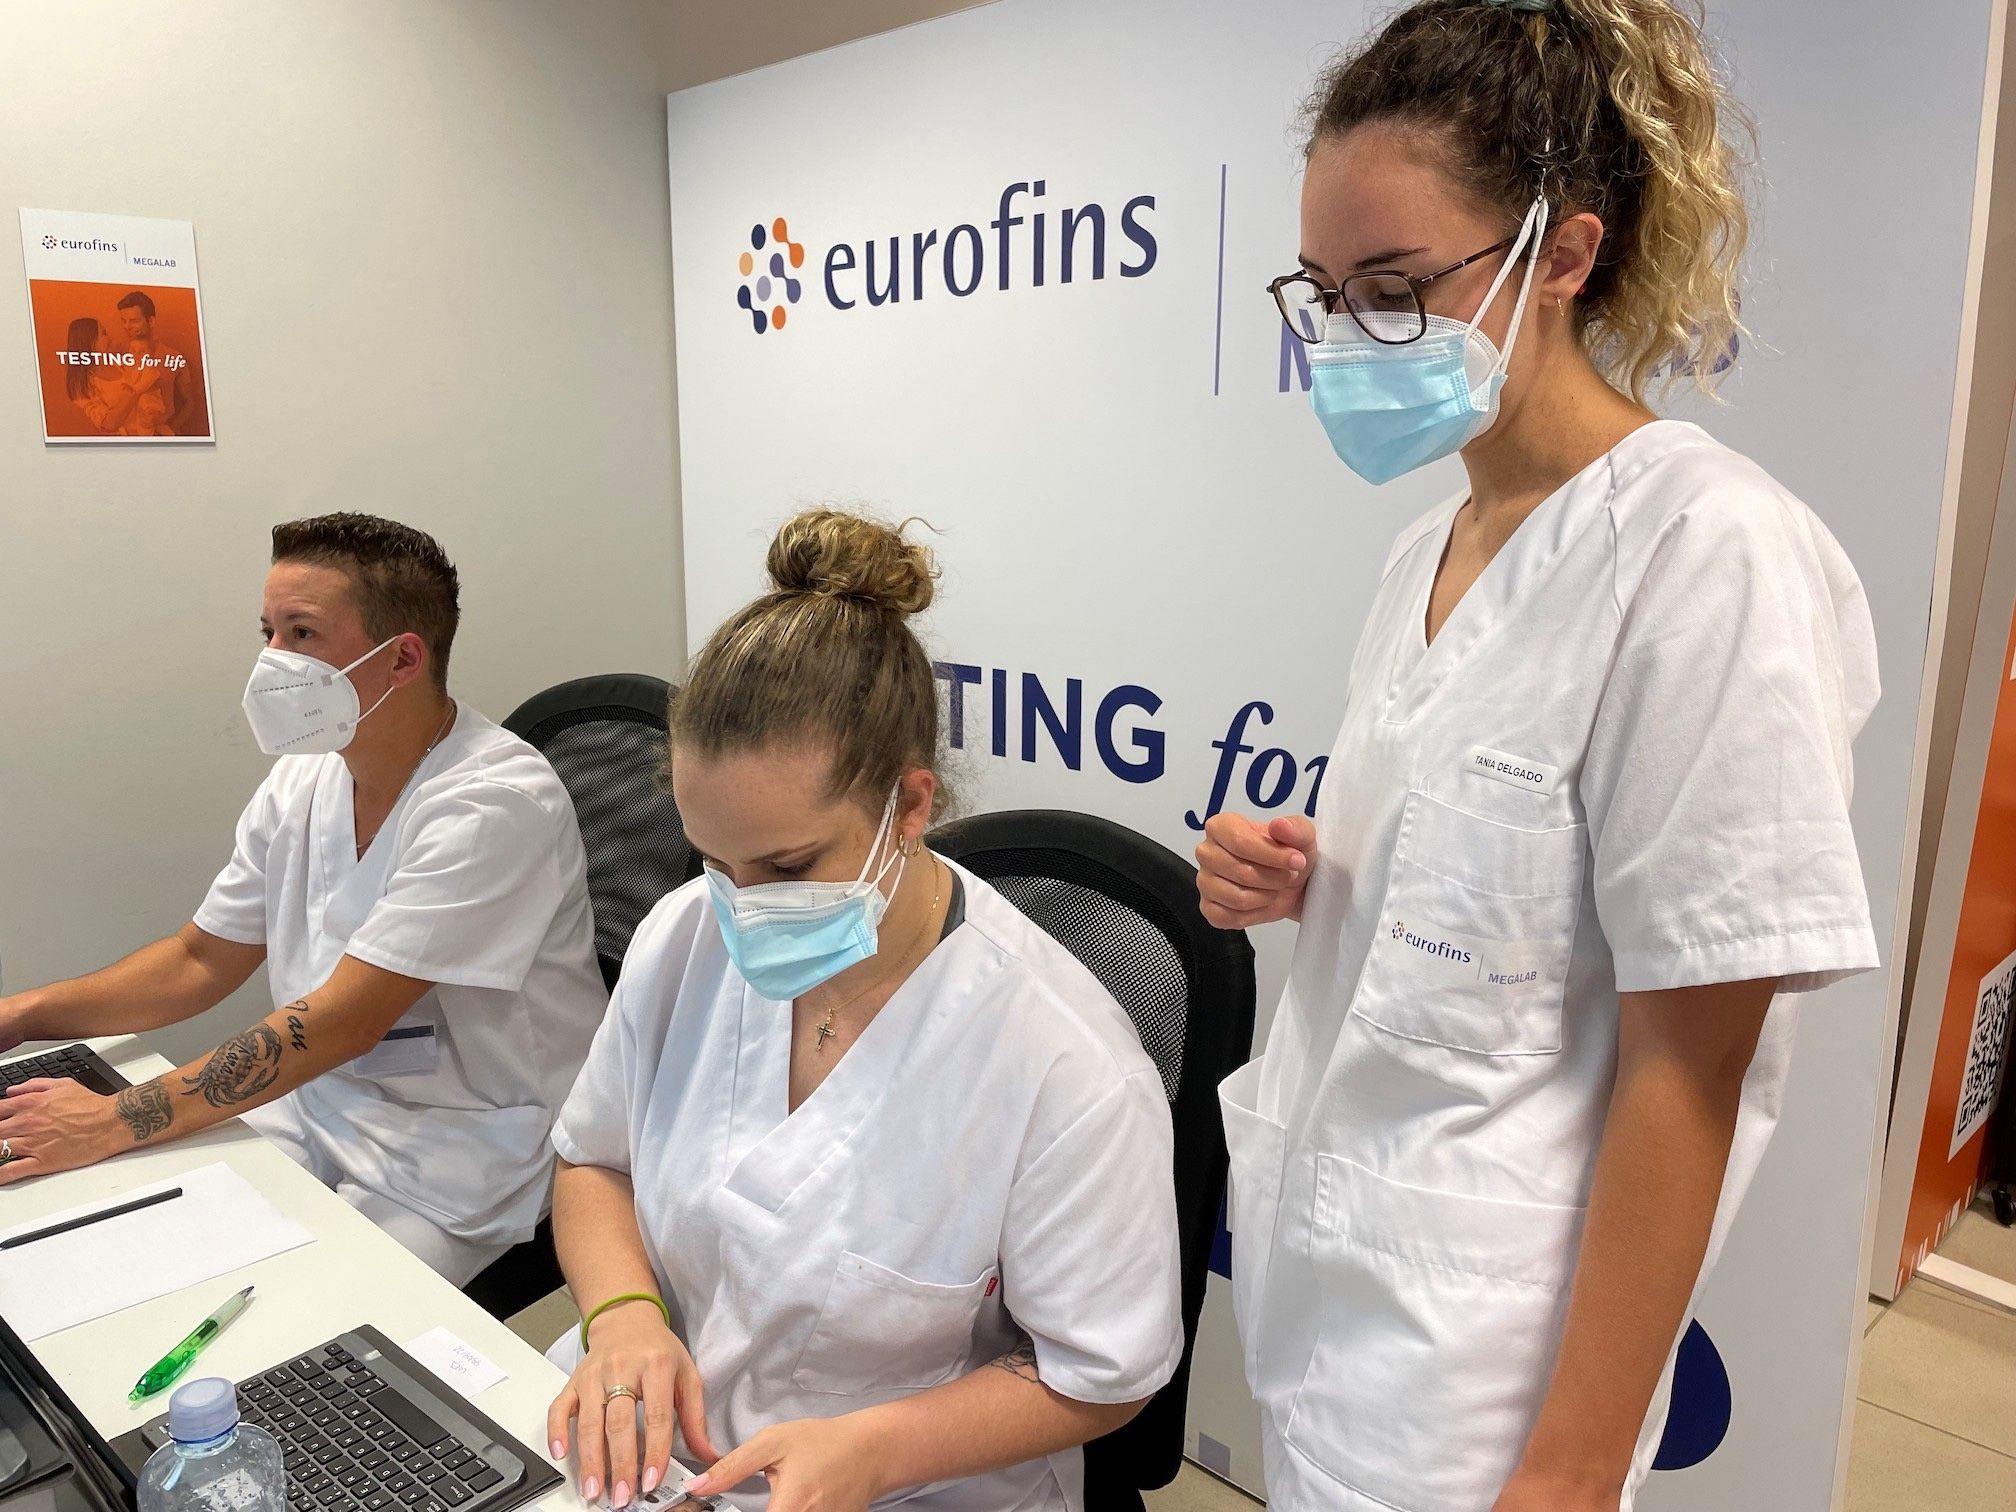 La OMS recomienda hacer test PCR a las personas vacunadas con sospecha de contagio